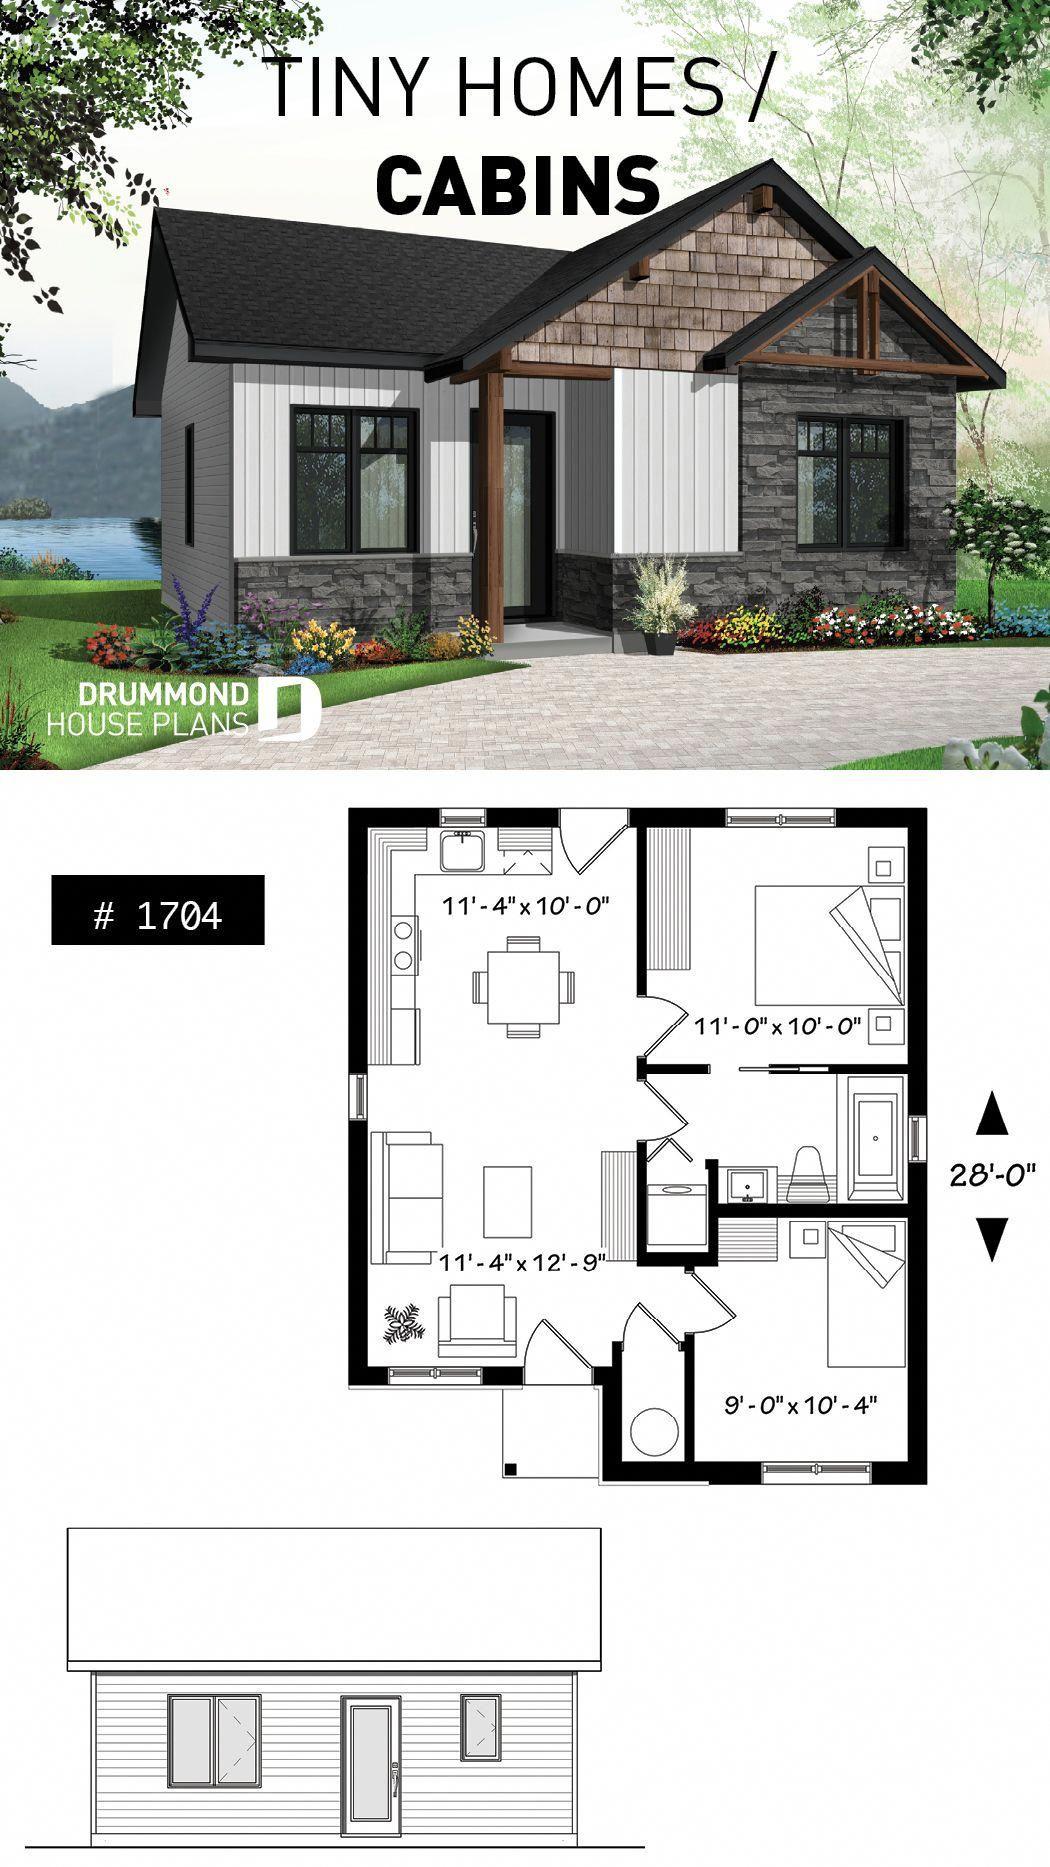 12 Luxury Dream Homes That Everyone Will Want To Live Inside Nicehouses Planos De Casas Pequenas Casas Planos De Casas